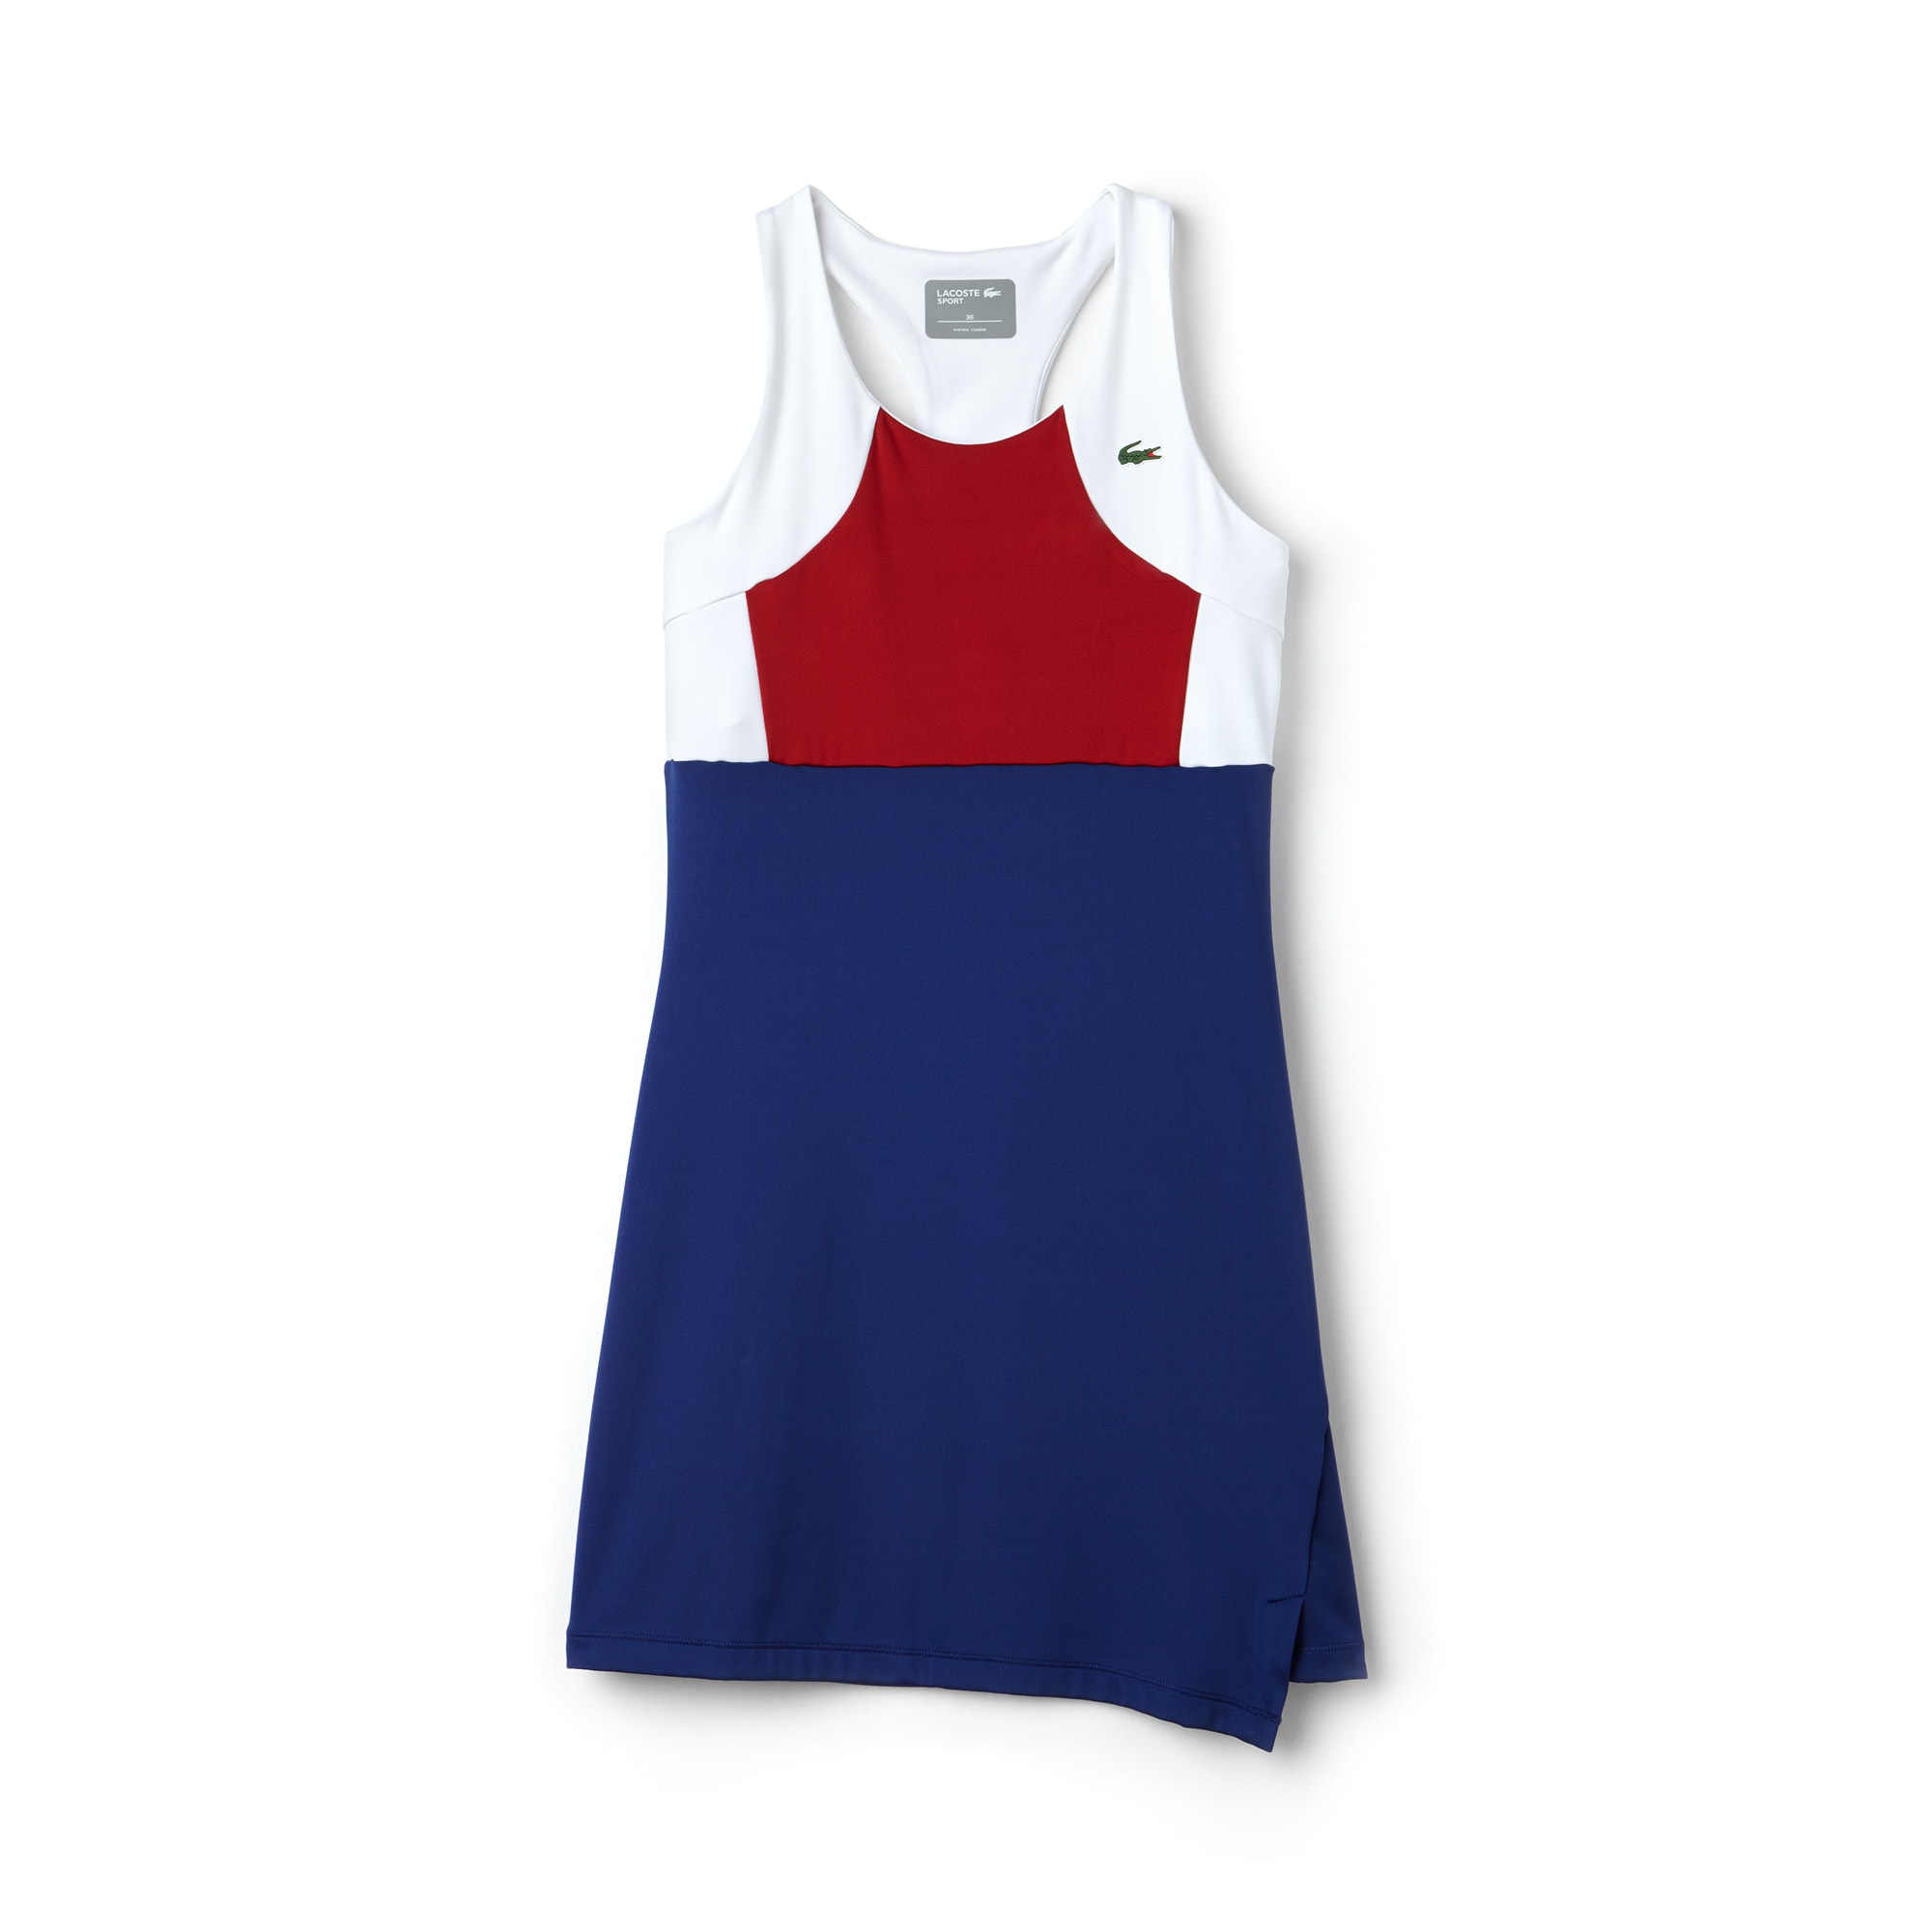 Abito con dorso a vogatore Tennis Lacoste SPORT in jersey tecnico color block